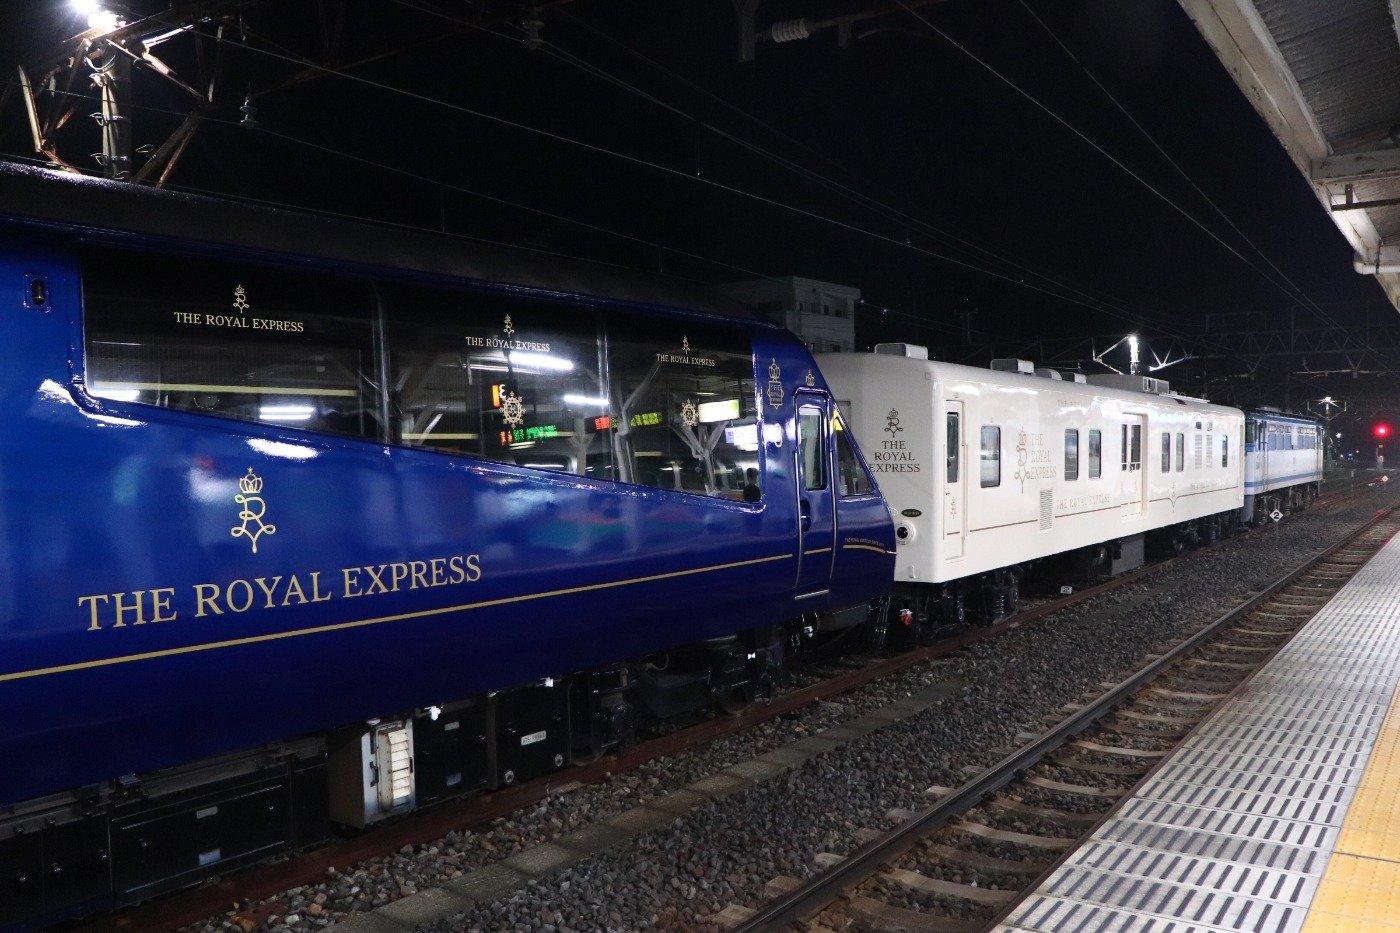 ザ・ロイヤルエクスプレス、北海道へ向け出発 | 話題 | 鉄道新聞